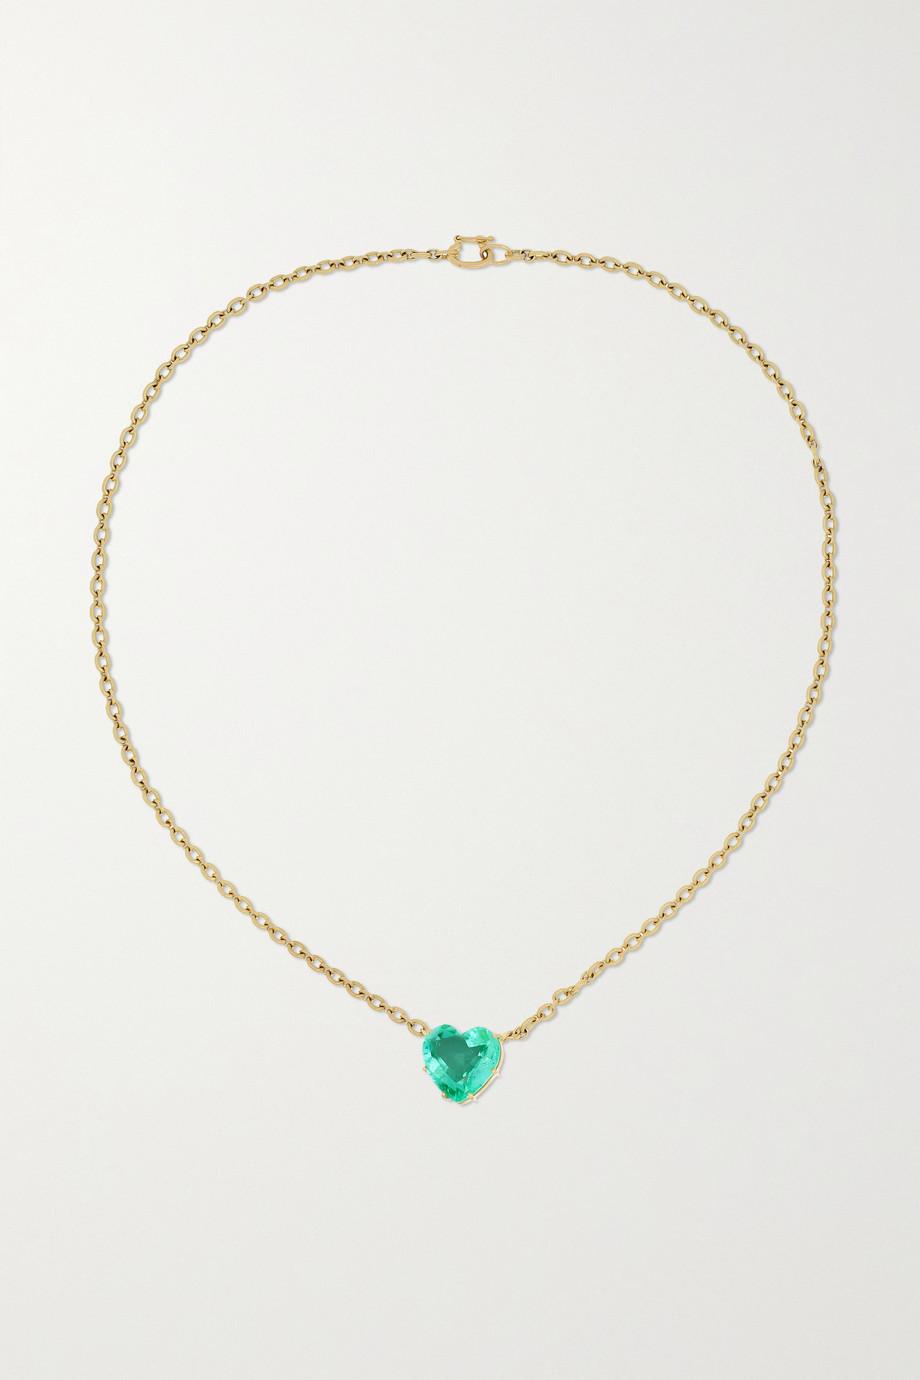 Irene Neuwirth Love Kette aus 18 Karat Gold mit Smaragd